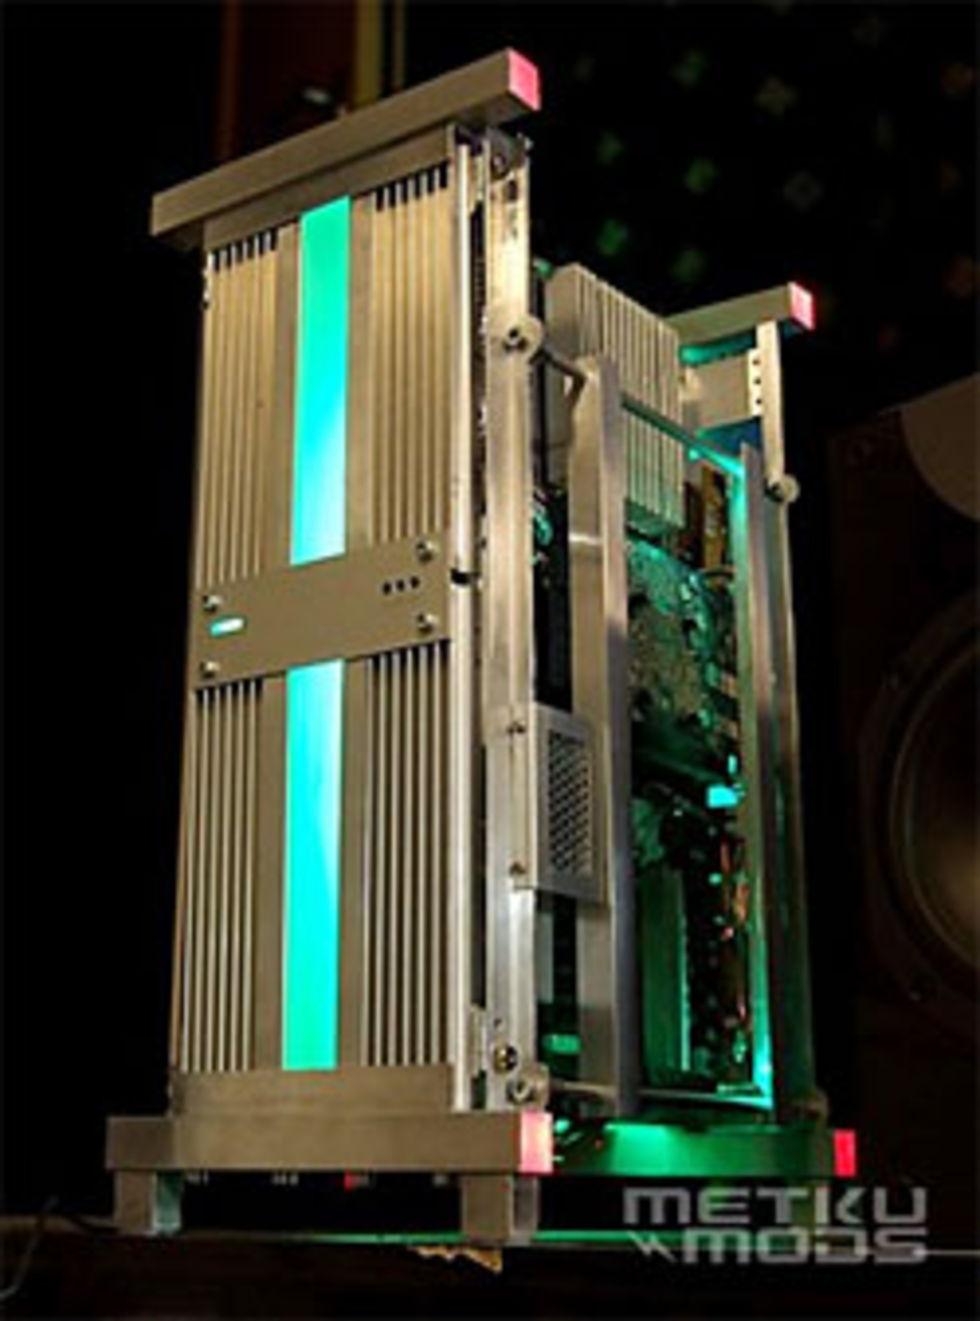 Dator byggd av kylflänsar